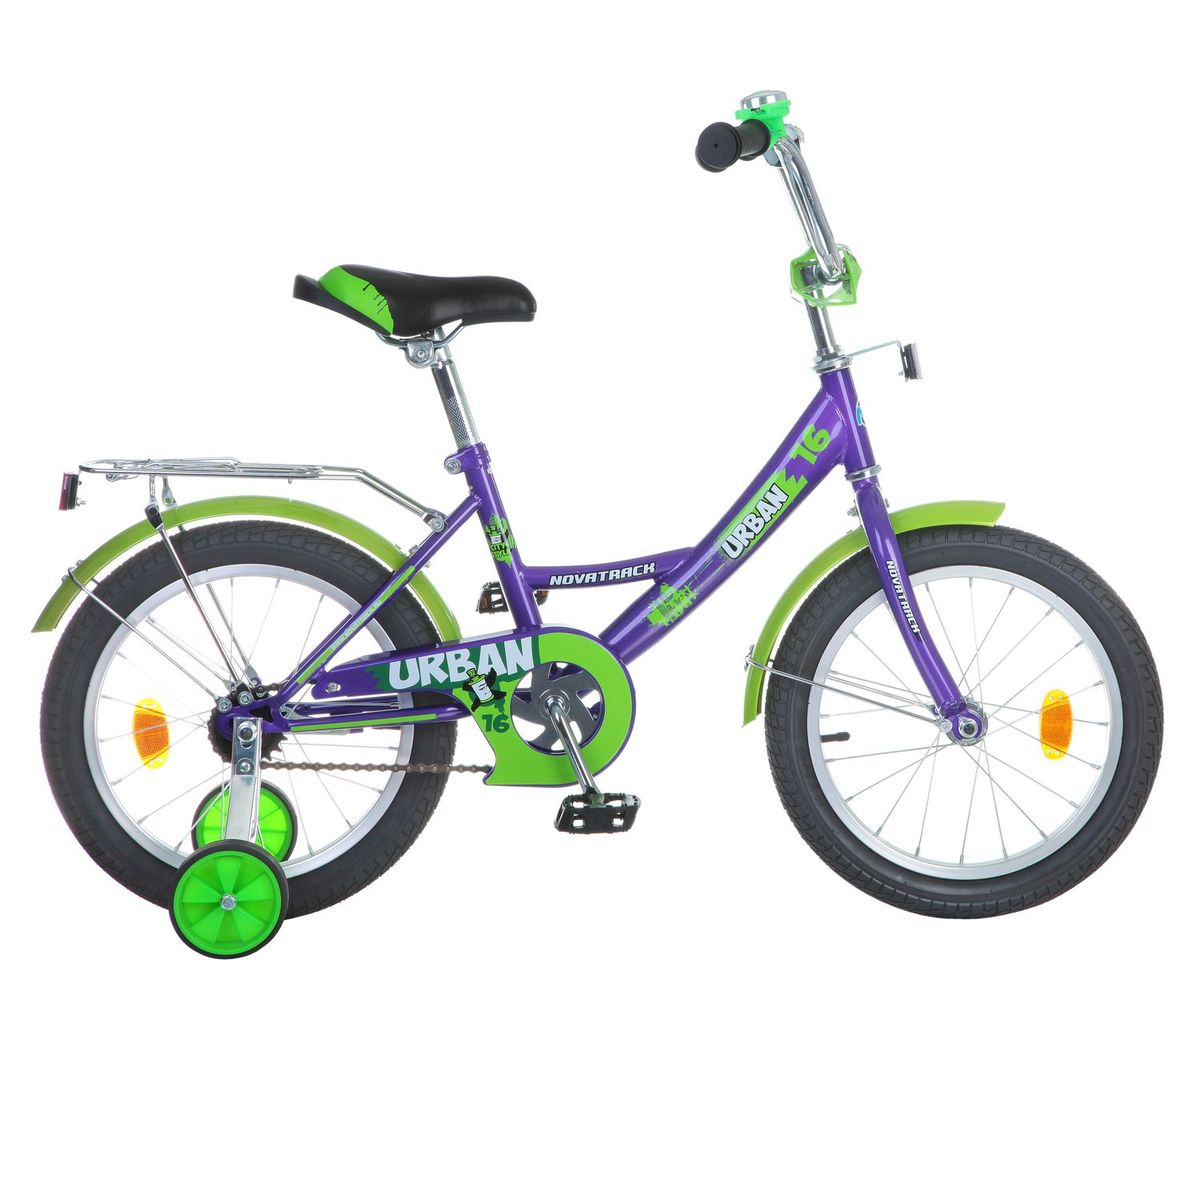 Велосипед детский Novatrack Urban, цвет: фиолетовый, зеленый, 16 детский велосипед novatrack urban 20 blue